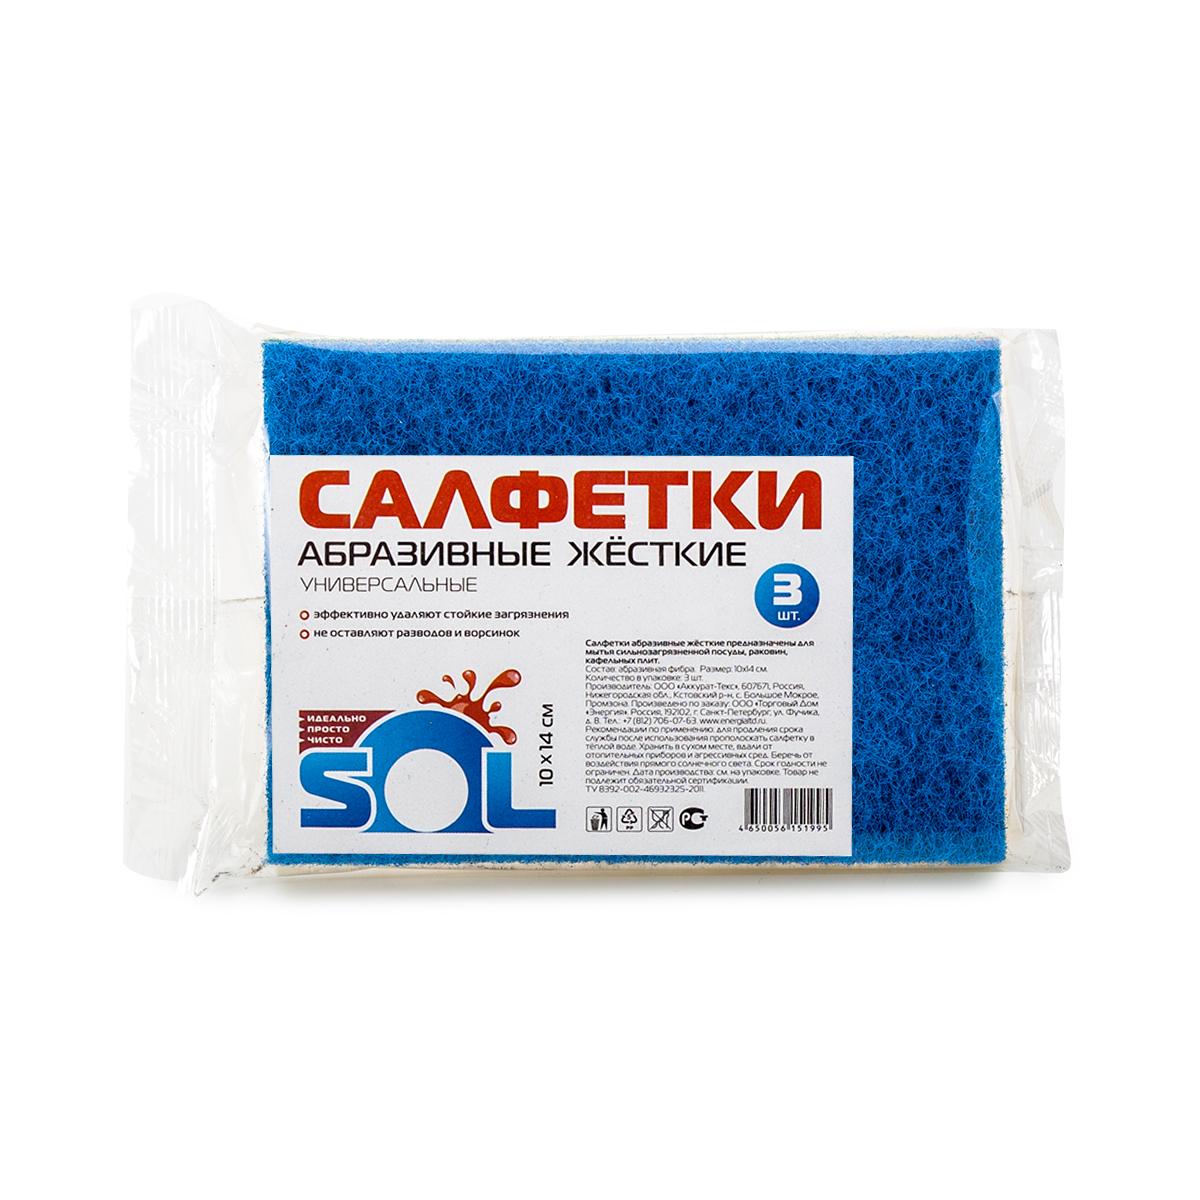 Салфетка для уборки Sol, абразивная, 10 x 14 см, 3 шт10055Абразивная салфетка Sol эффективно удаляет сильные загрязнения, идеально подходит для чистки застарелых загрязнений на посуде и кухонной плите. Обладает повышенной прочностью, что обуславливает ее долговечность. Салфетка выполнена из абразивной фибры. В наборе - 3 разноцветные салфетки.